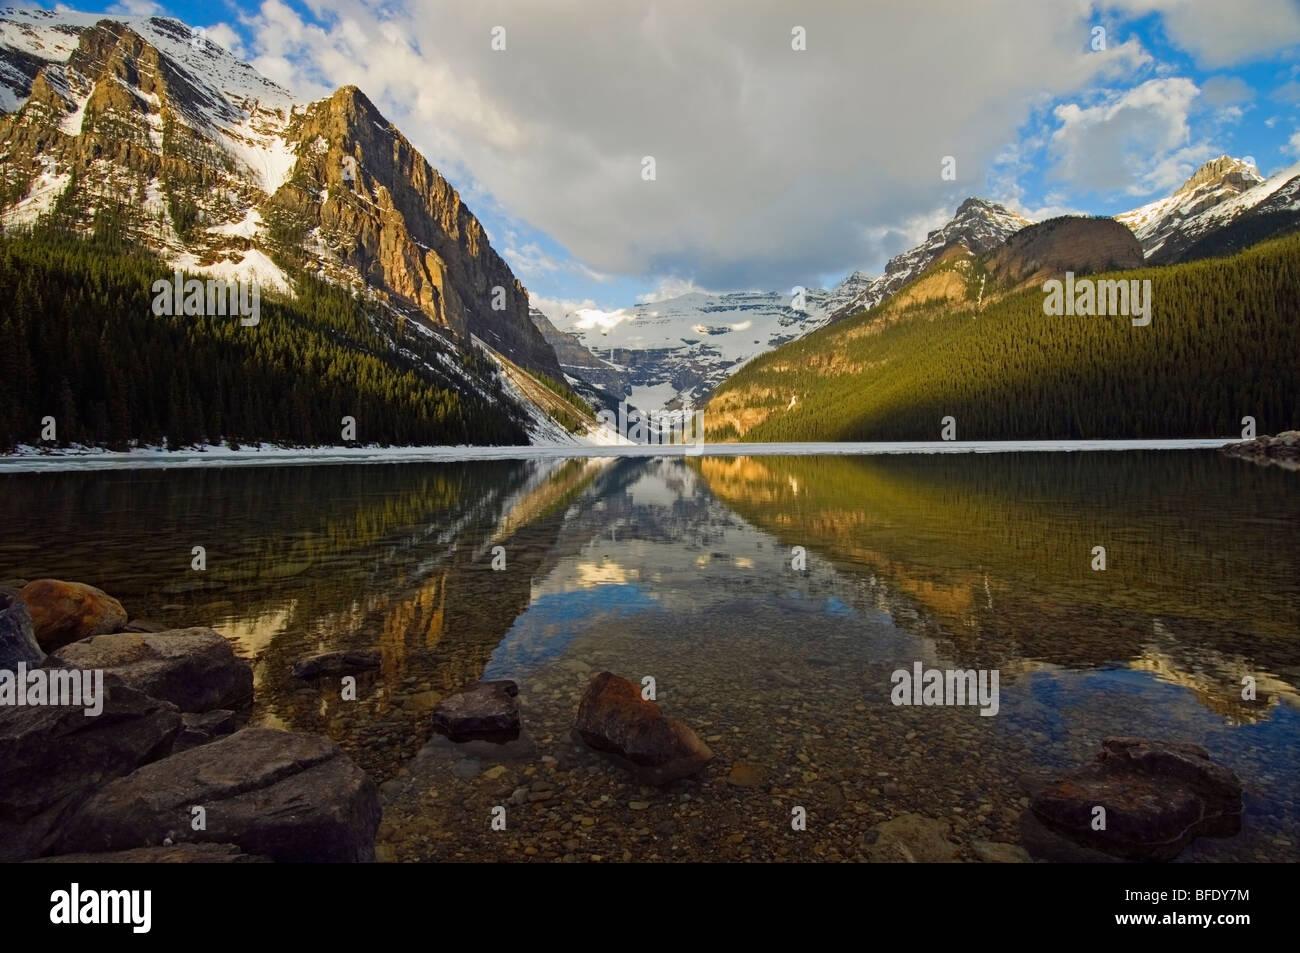 Réflexions de l'eau dans la région de Lake Louise, Banff National Park, Alberta, Canada Photo Stock